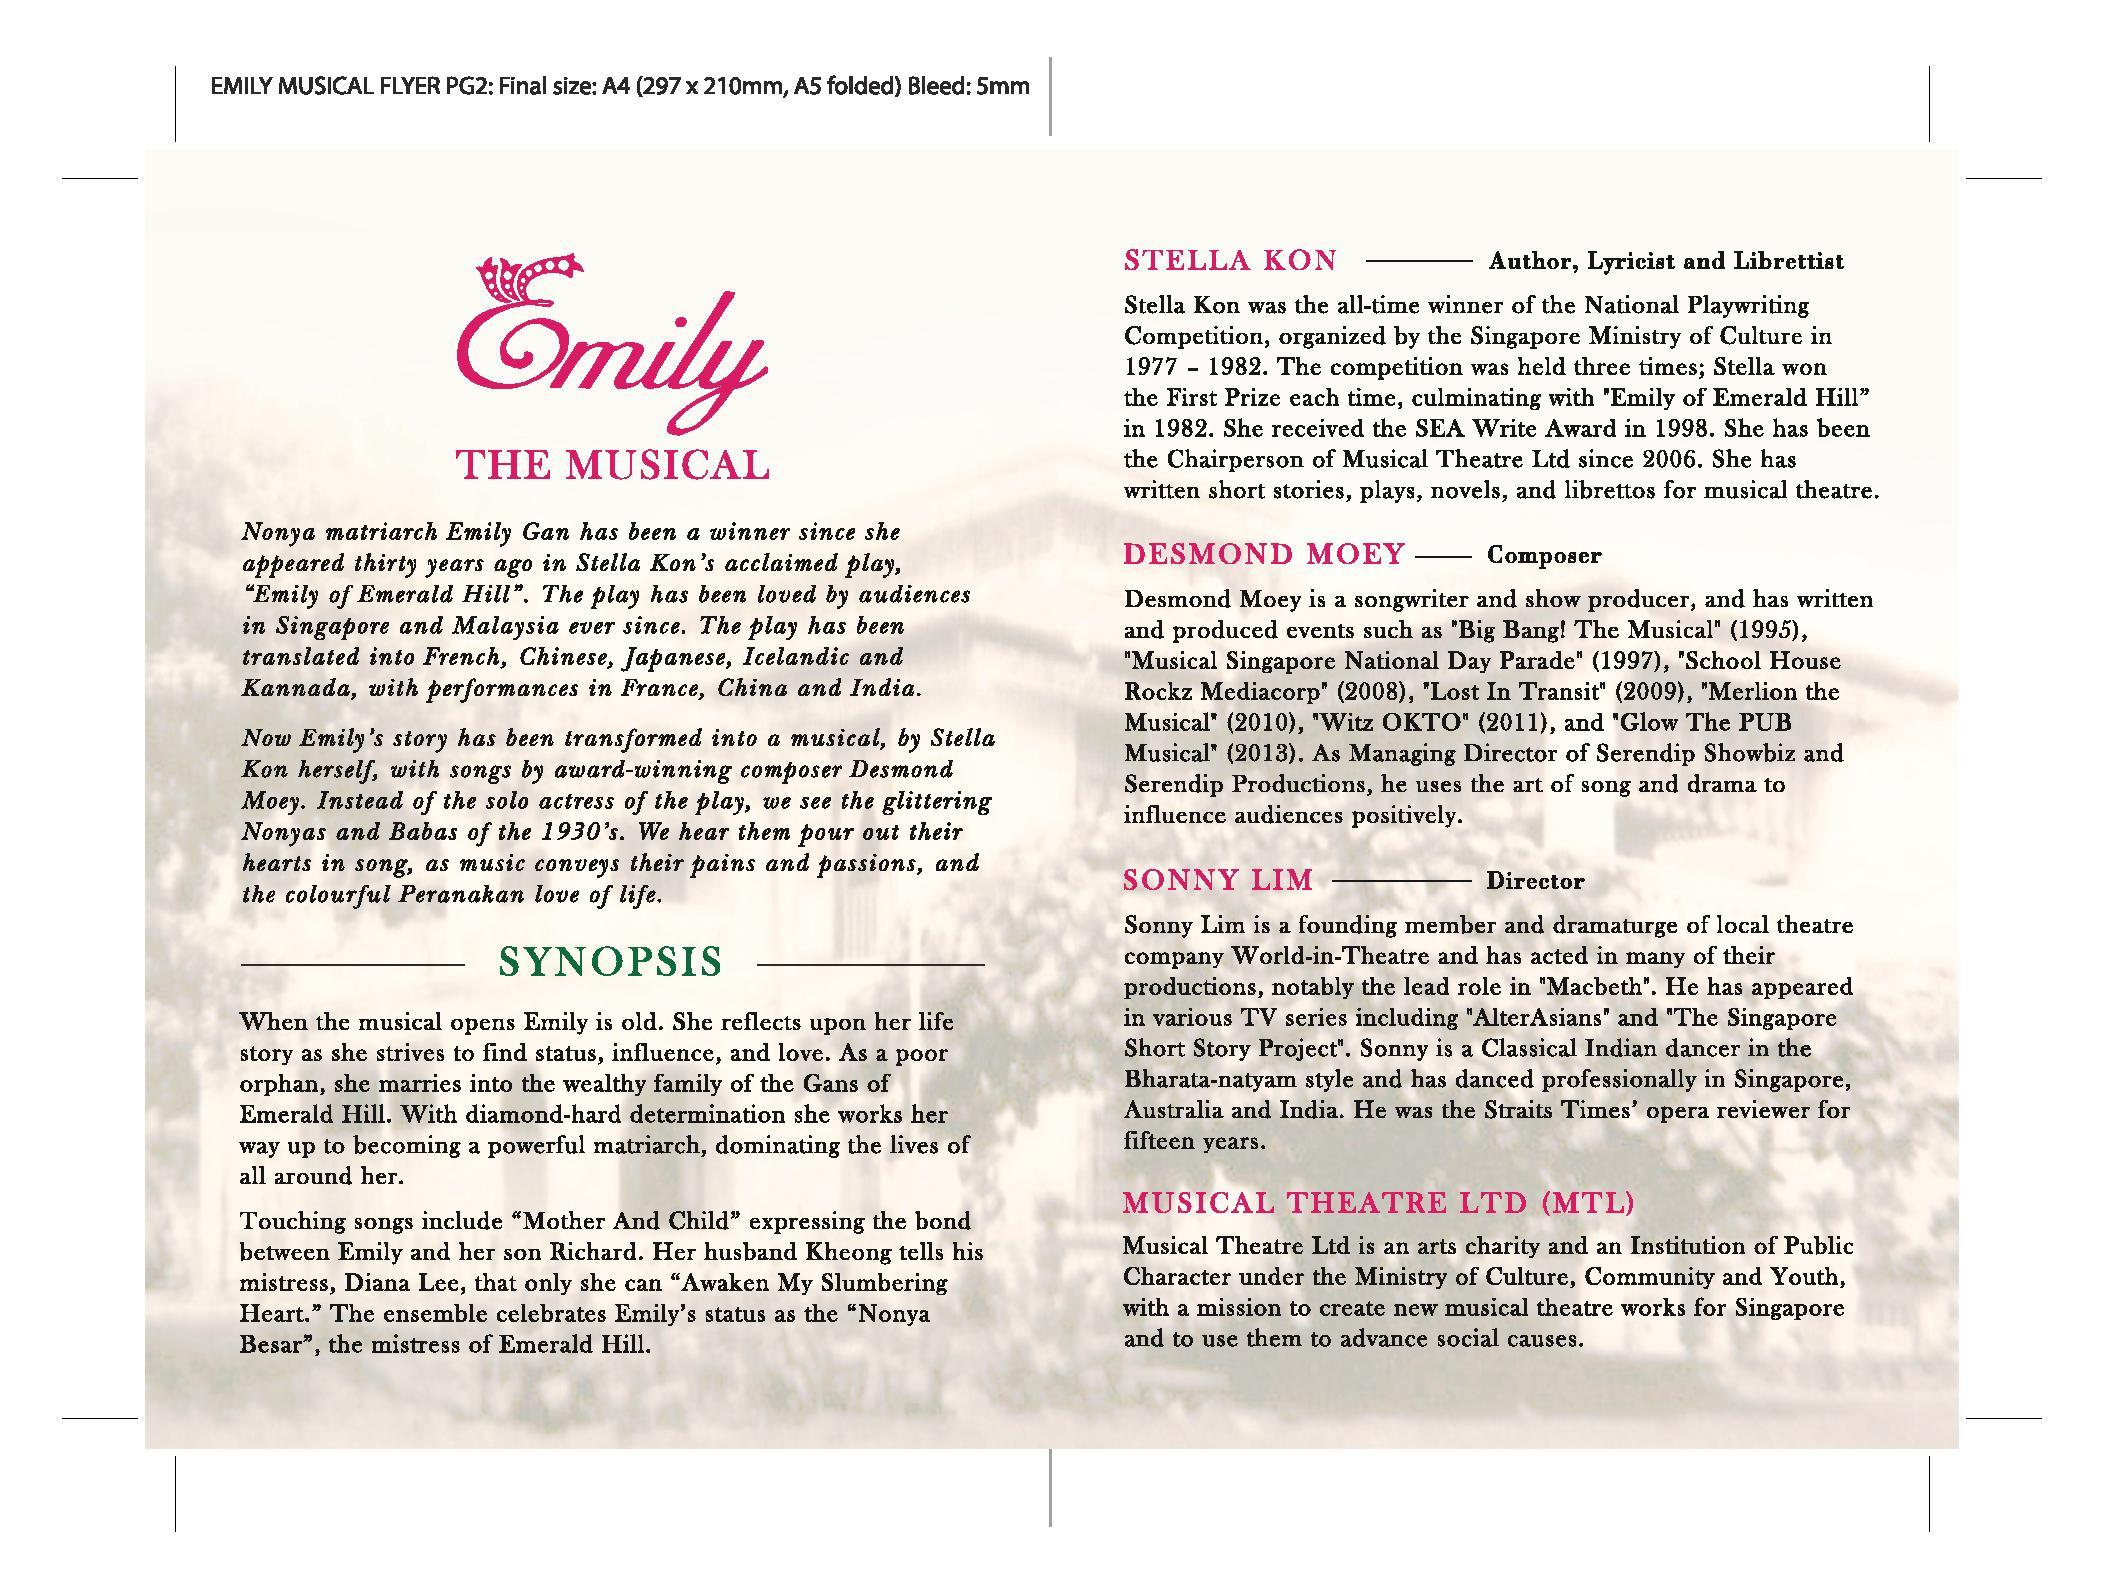 FINALemilyvisualtext_flyer_short_FAOL_v4 (1)-page-002.jpg